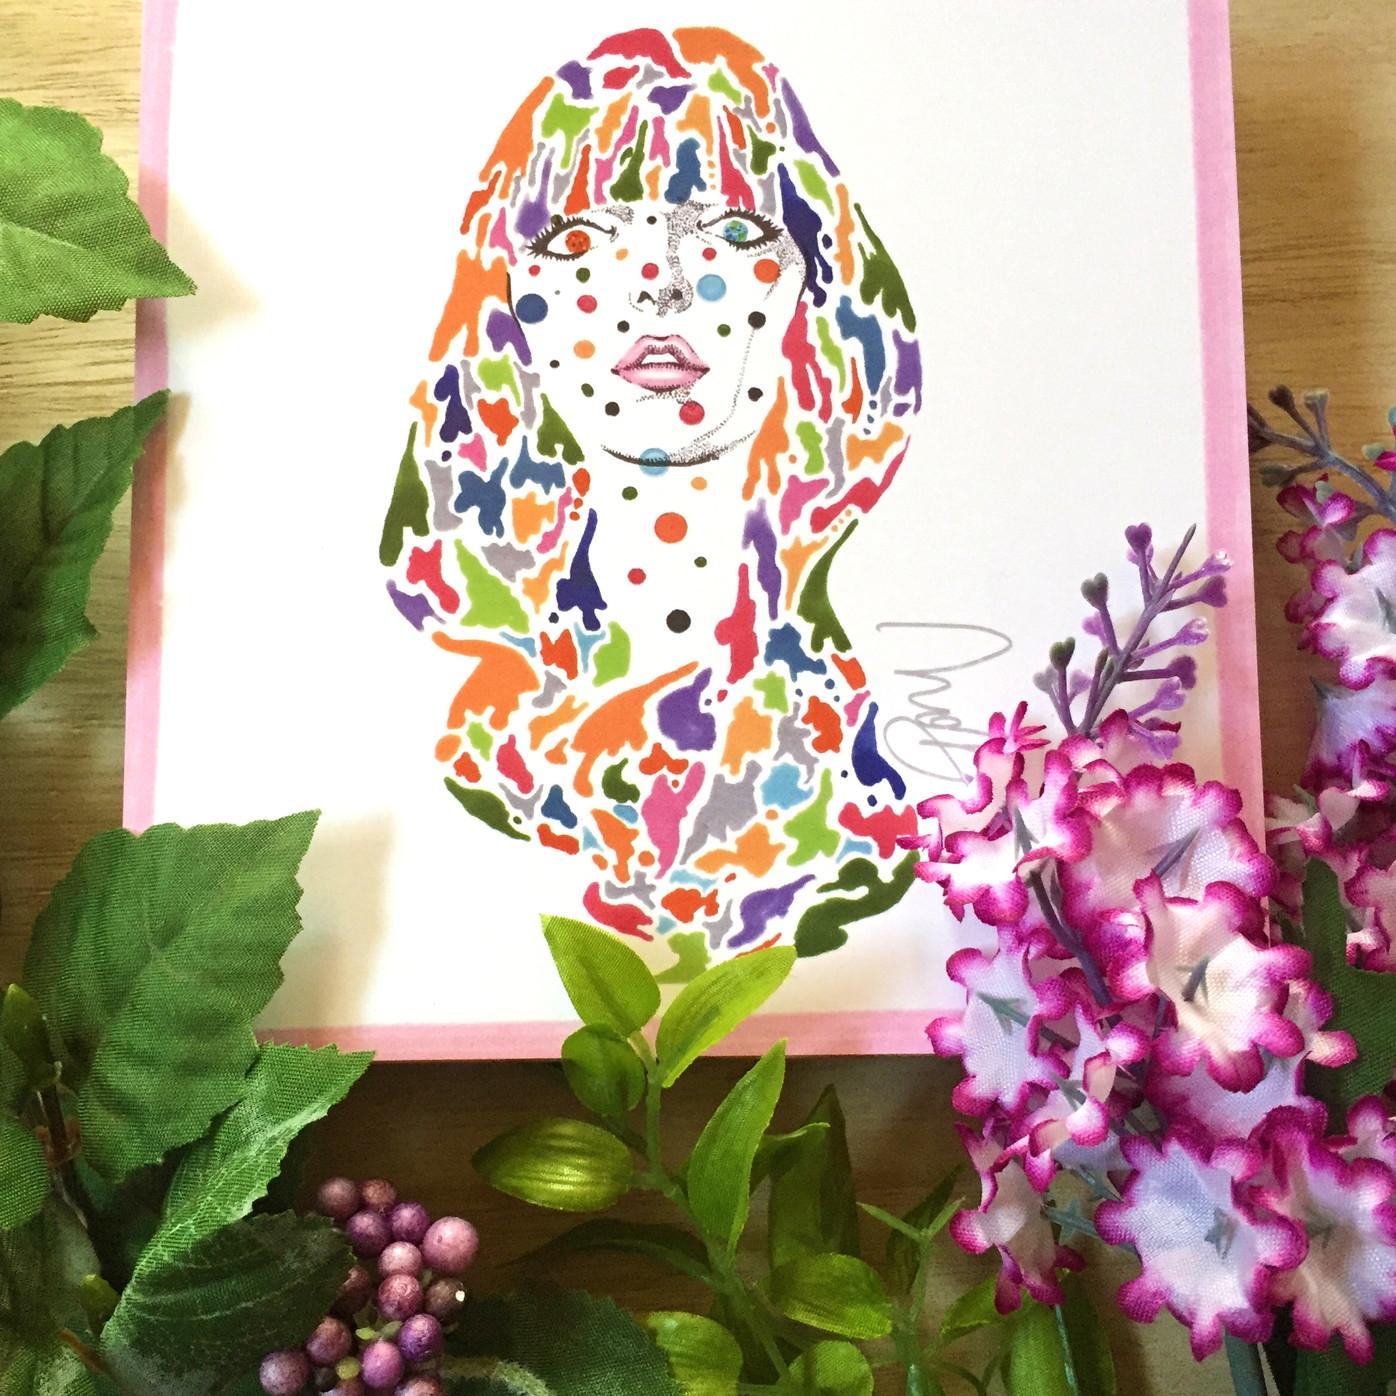 絵画 インテリア アートパネル 雑貨 壁掛け 置物 おしゃれ 女性 現代アート ロココロ 画家 : nob 作品 :  woman